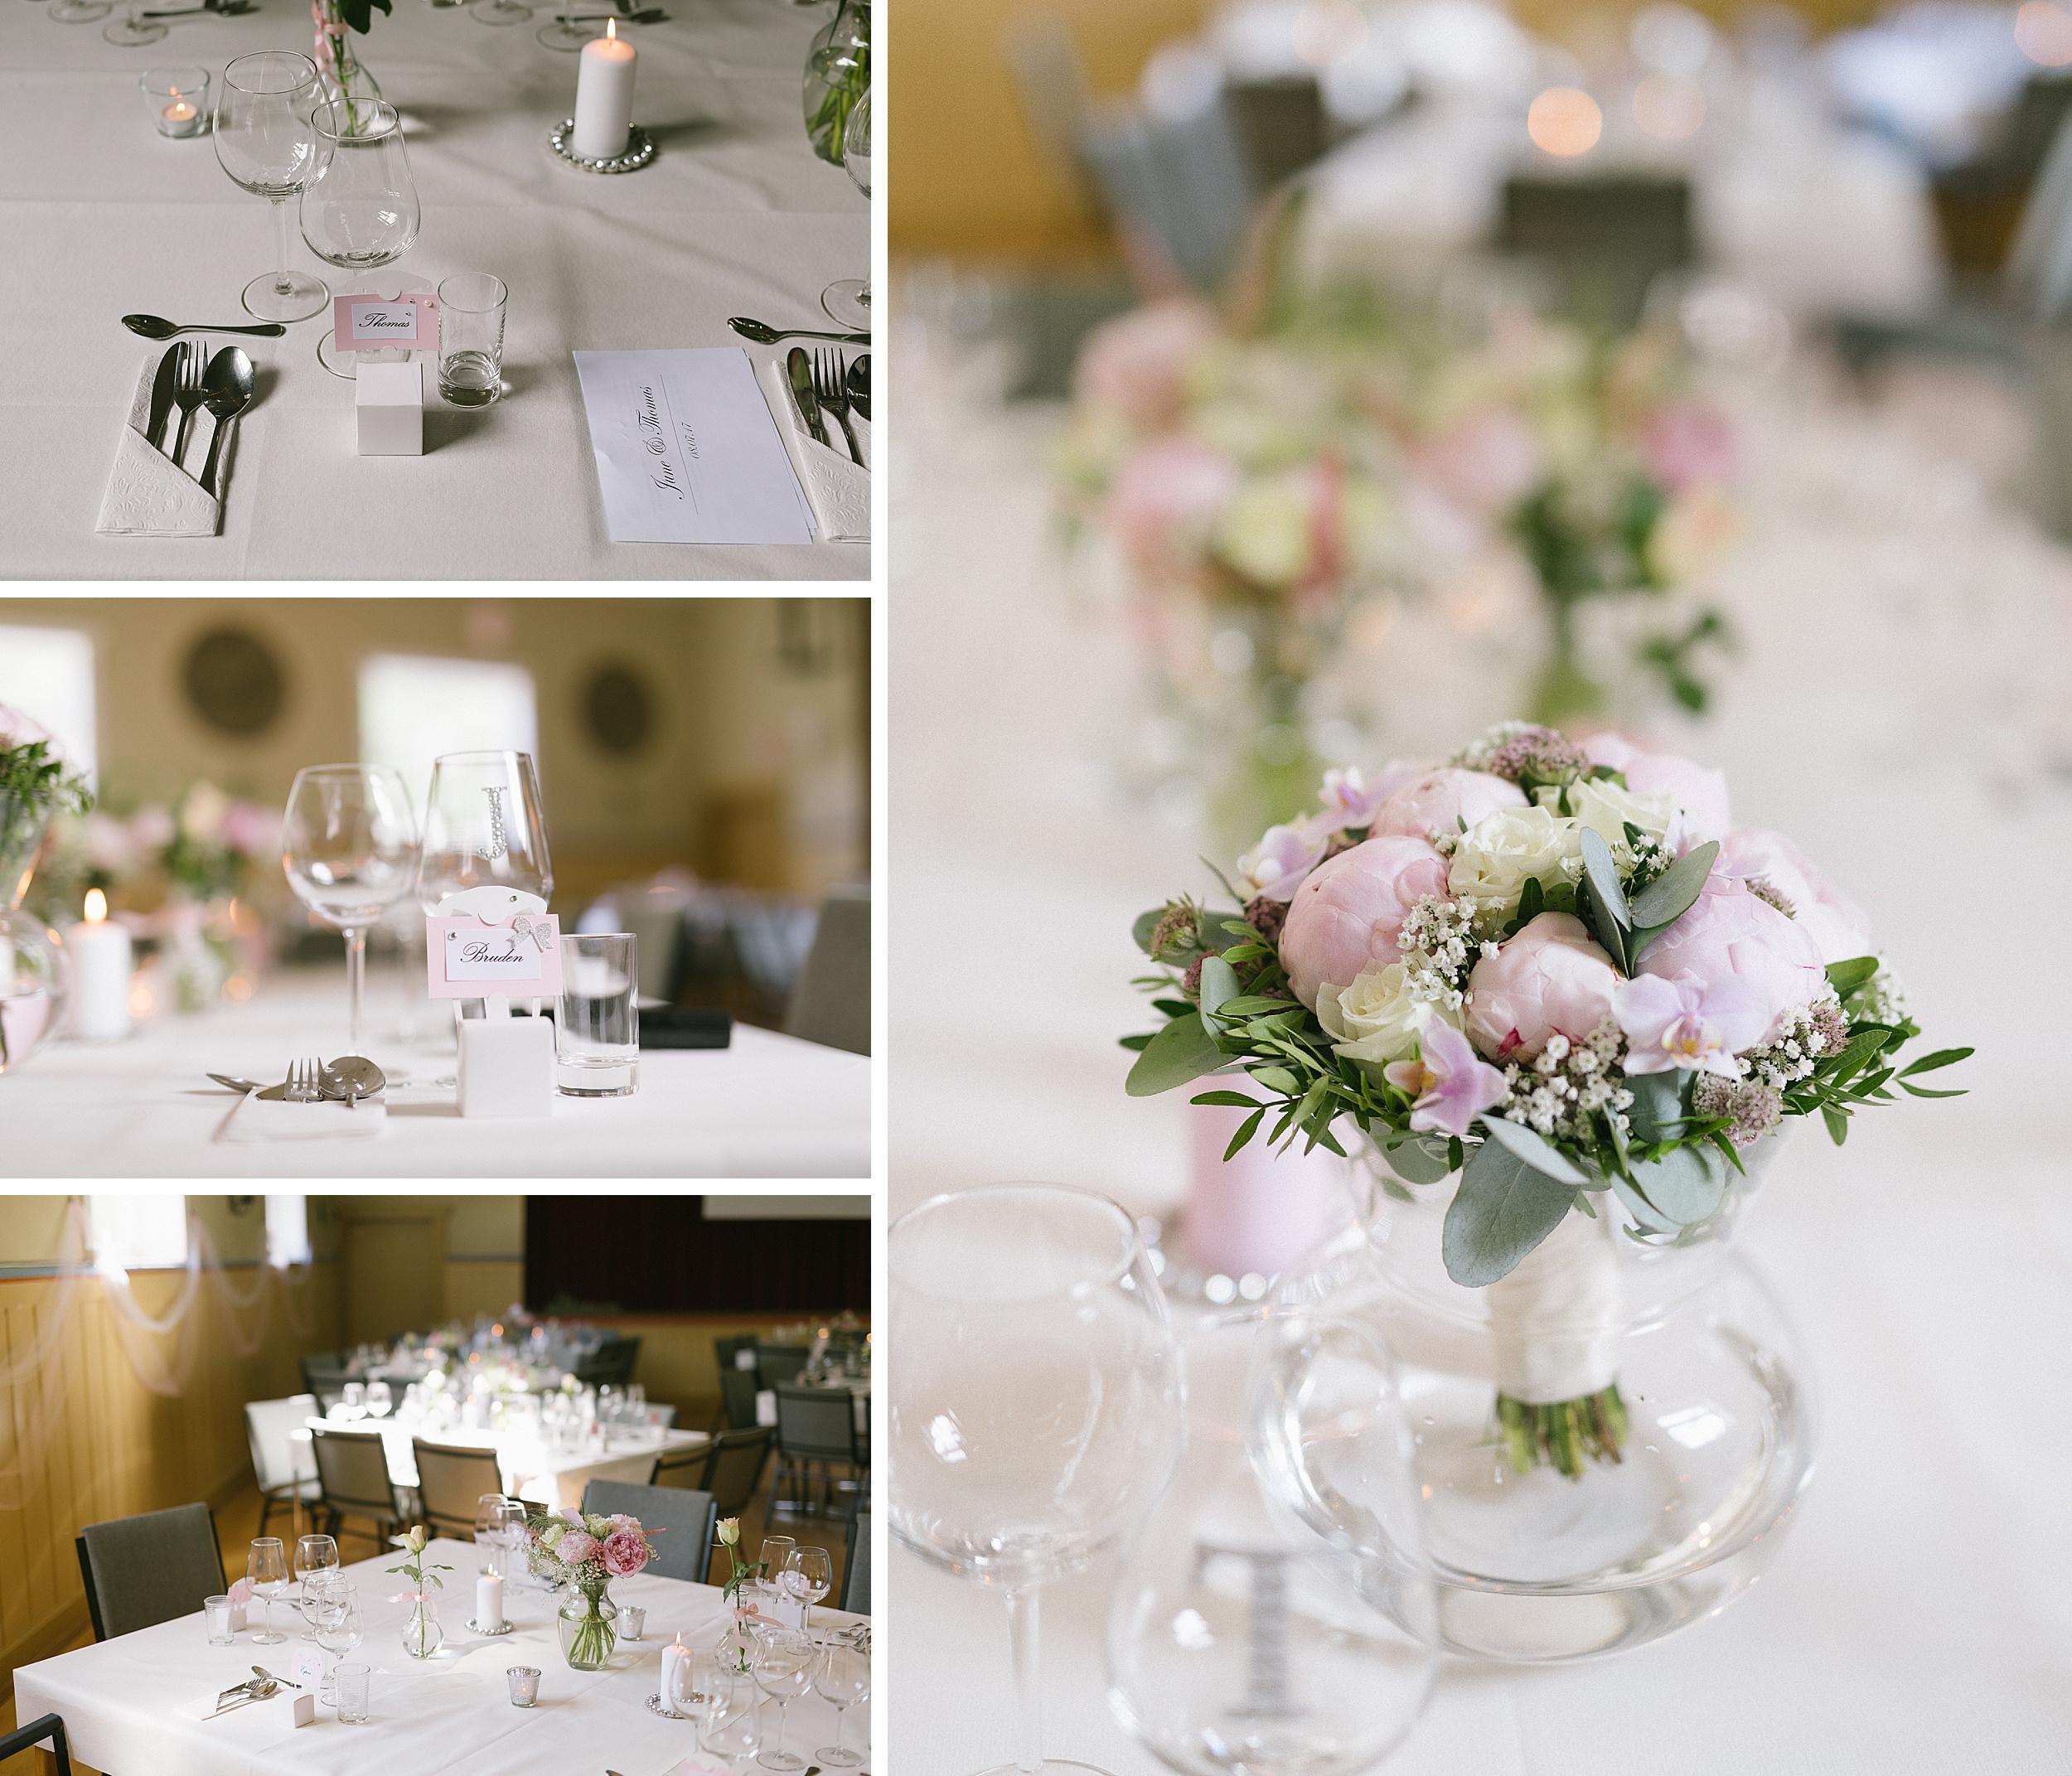 Heldags-bryllupsfoto-june-thomas_0050.jpg